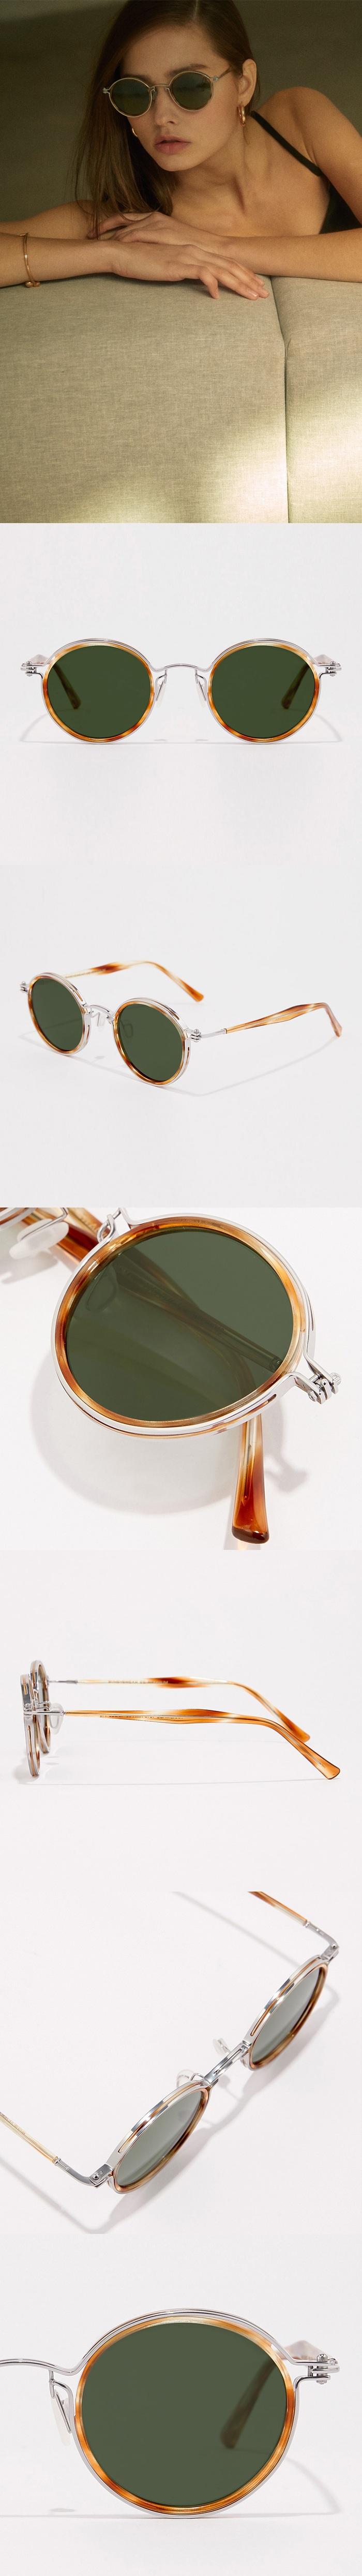 (複製)BVH|太陽眼鏡 1618-RMA-01